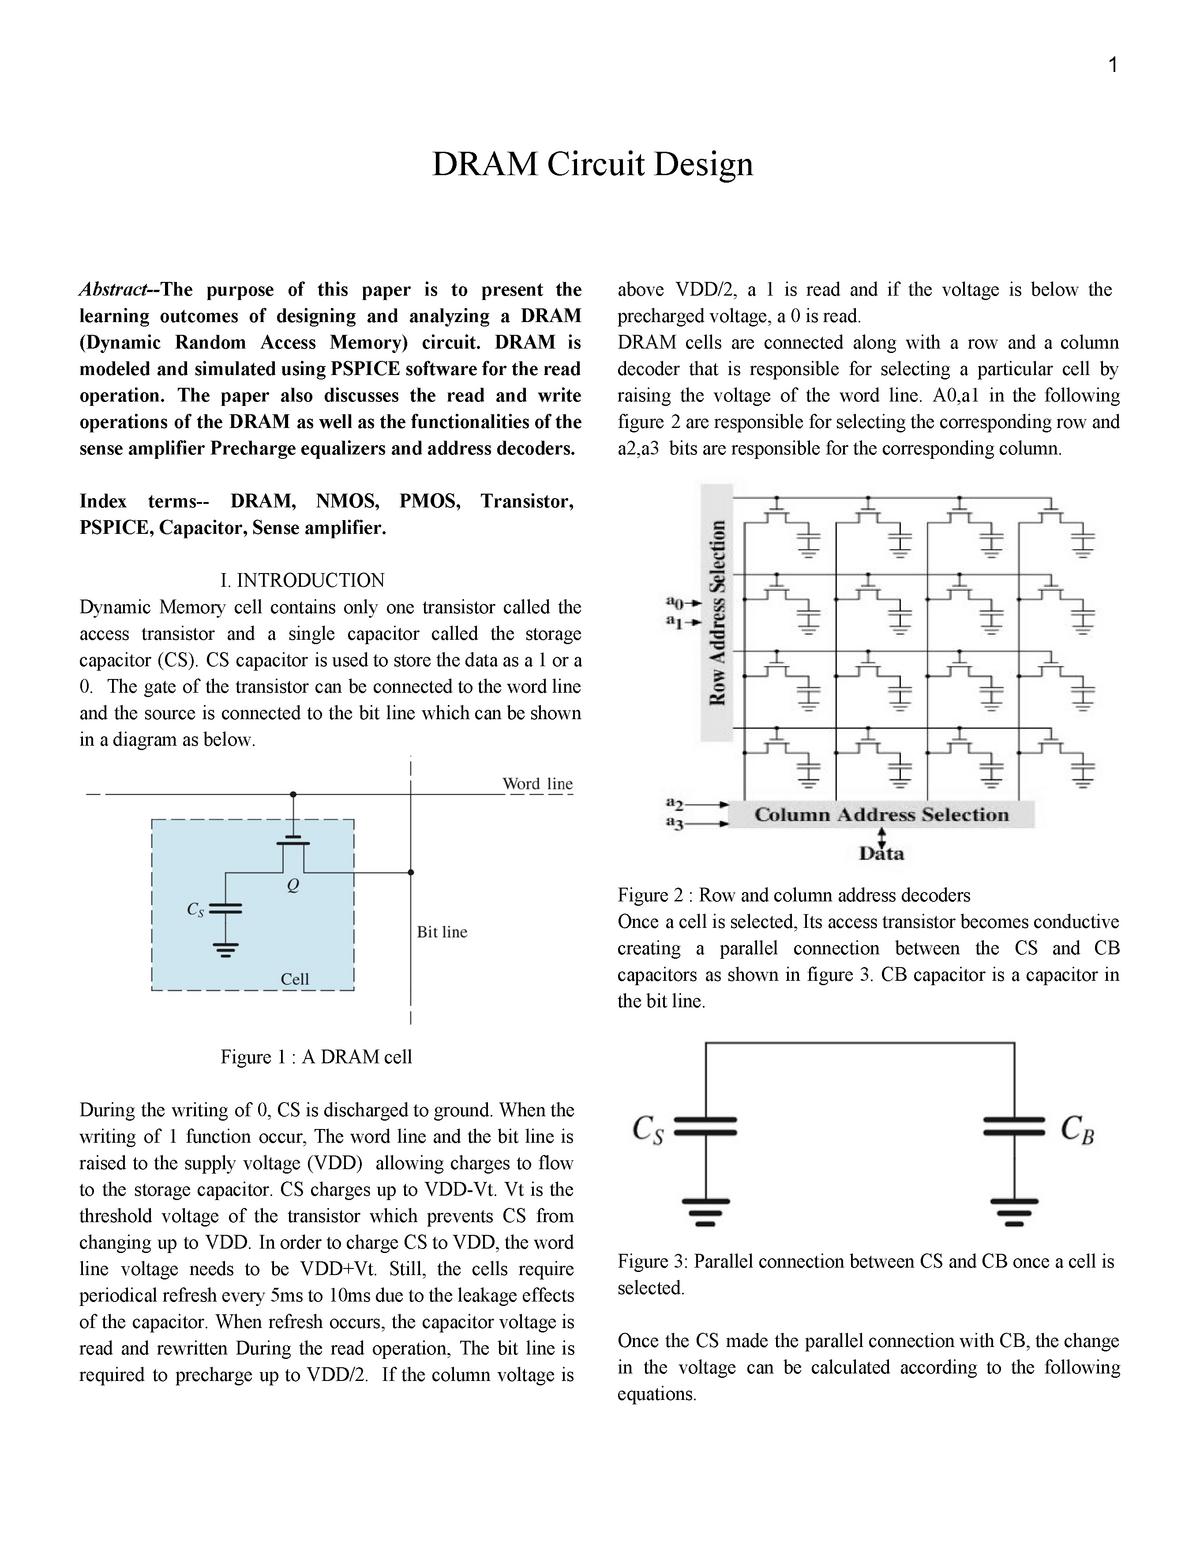 Dynamic Random Access memory project - ECE 442 - CSUN - StuDocu